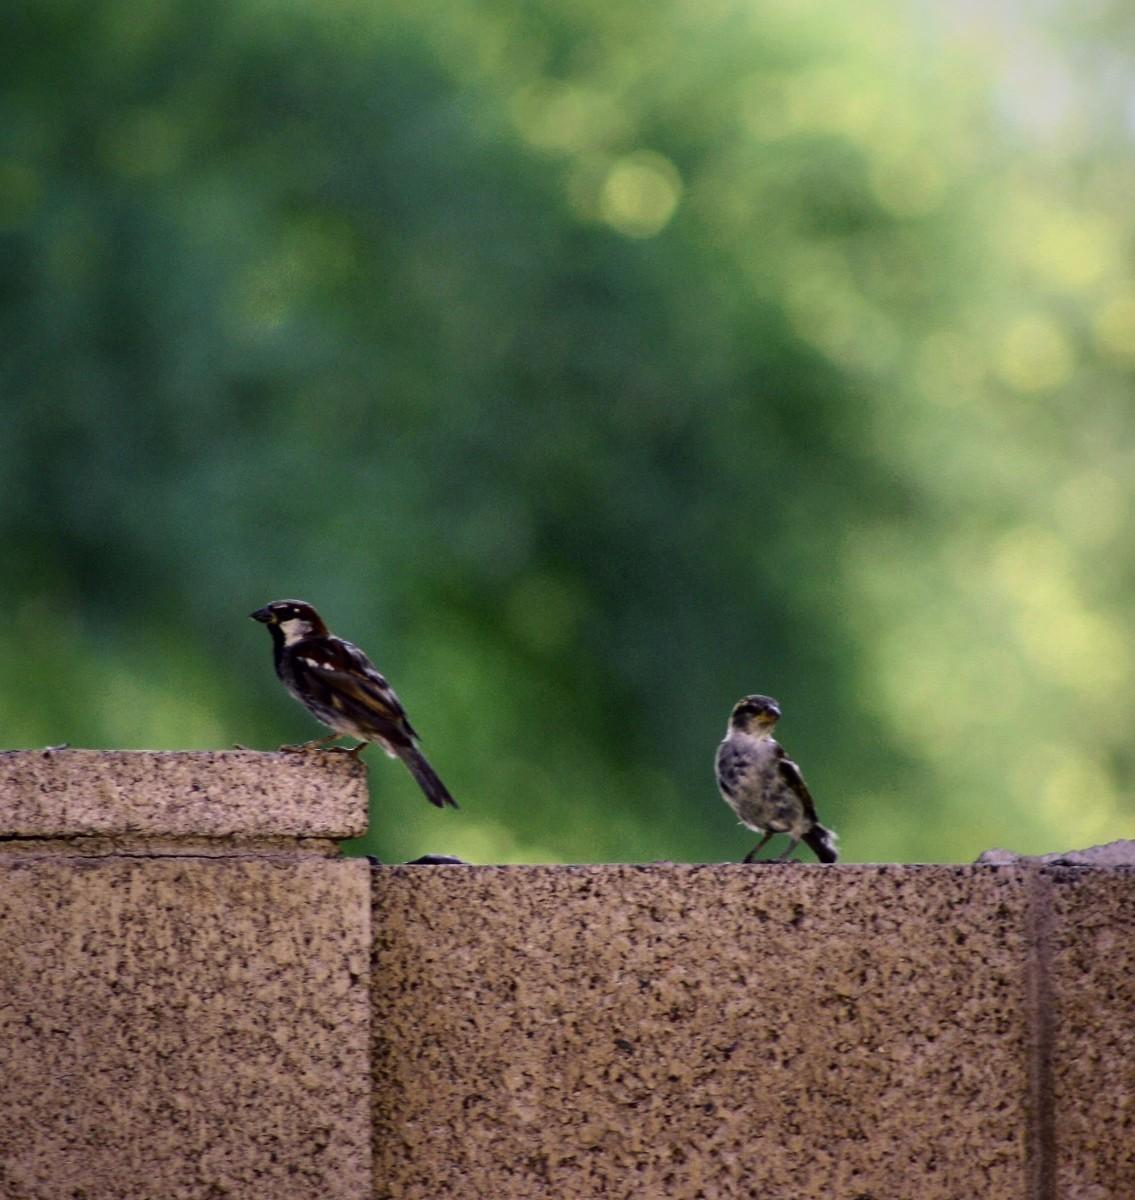 House Sparrow on The Wall